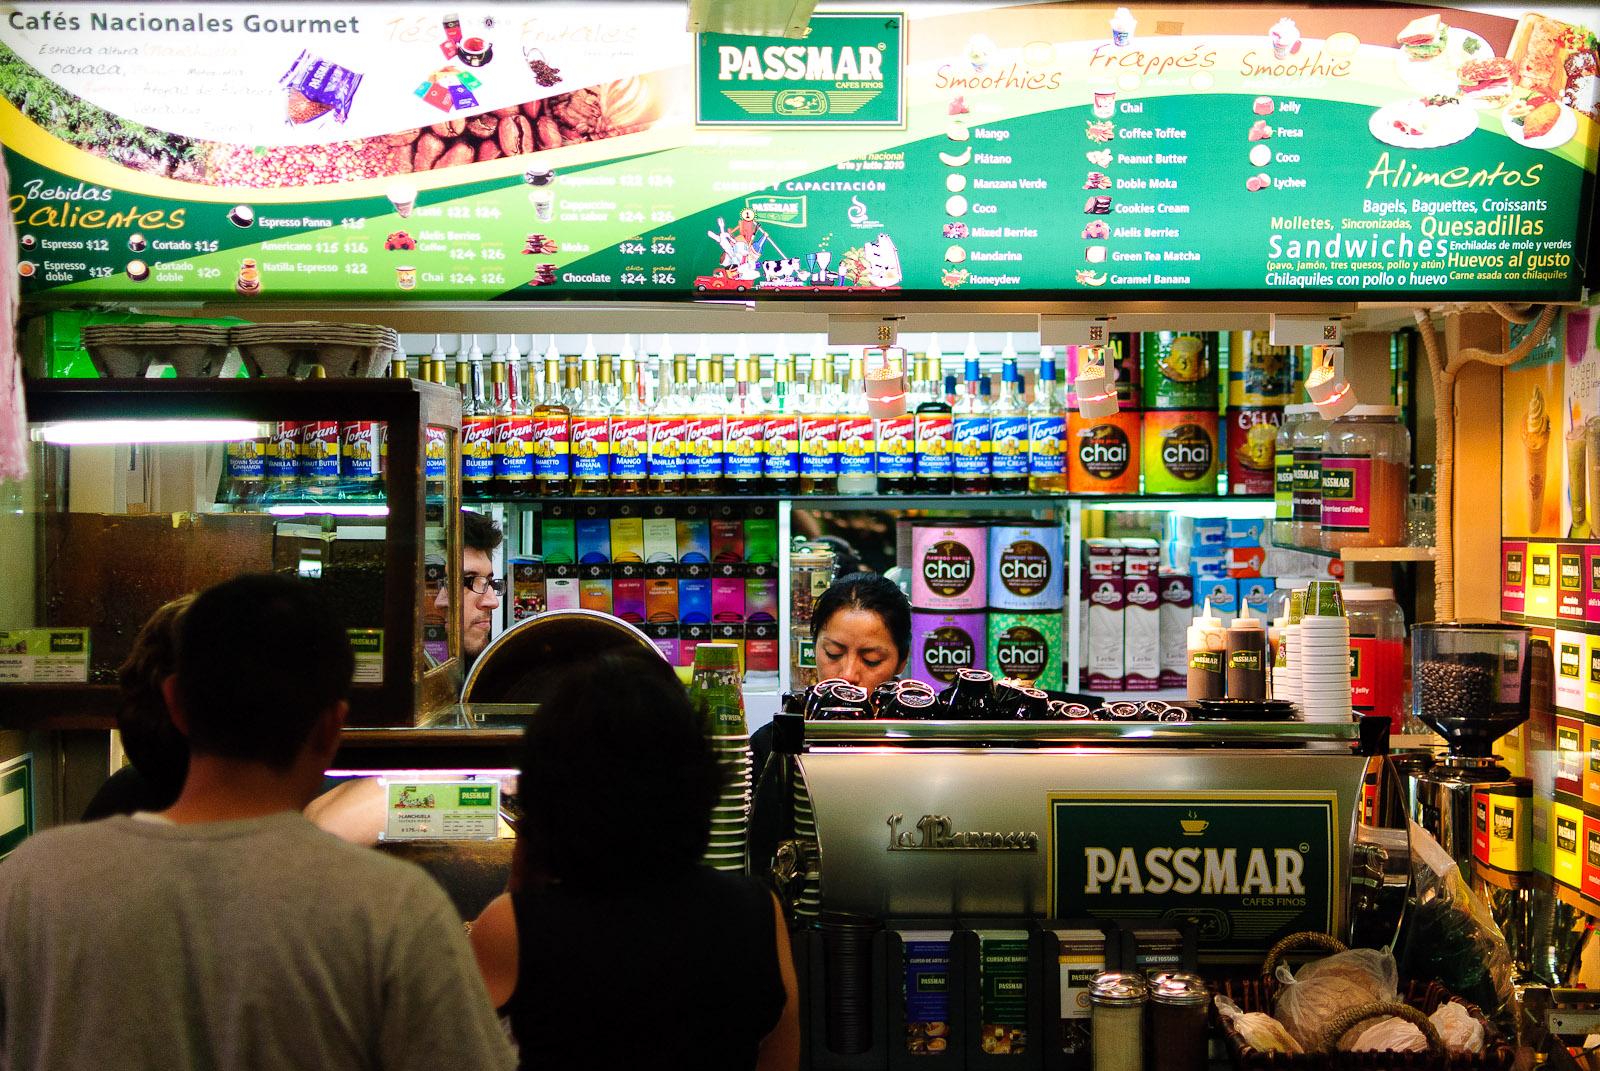 Cafe Passmar - Storefront